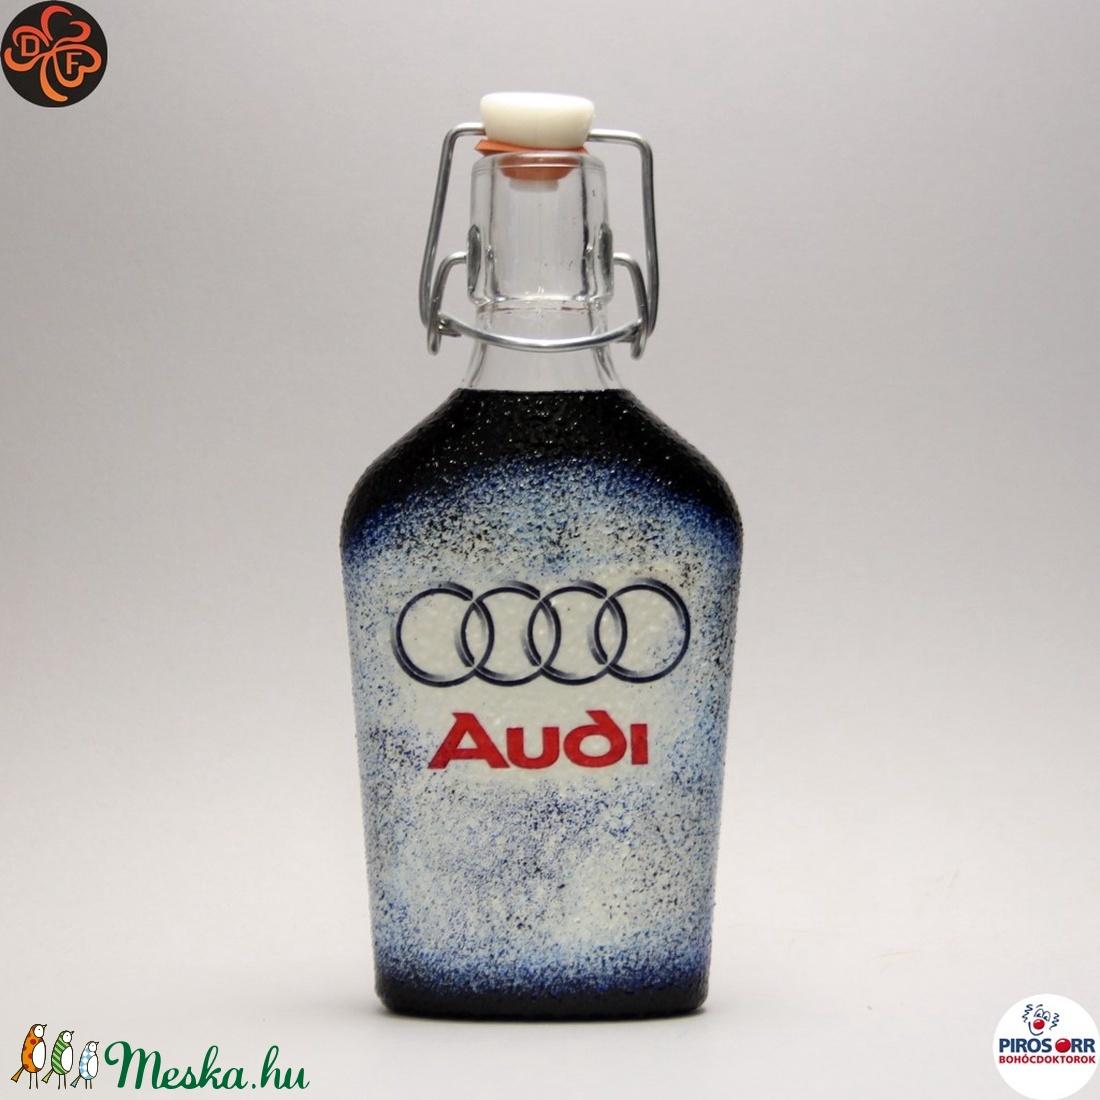 Audi csatosüveg ; Audi rajongóknak (decorfantasy) - Meska.hu